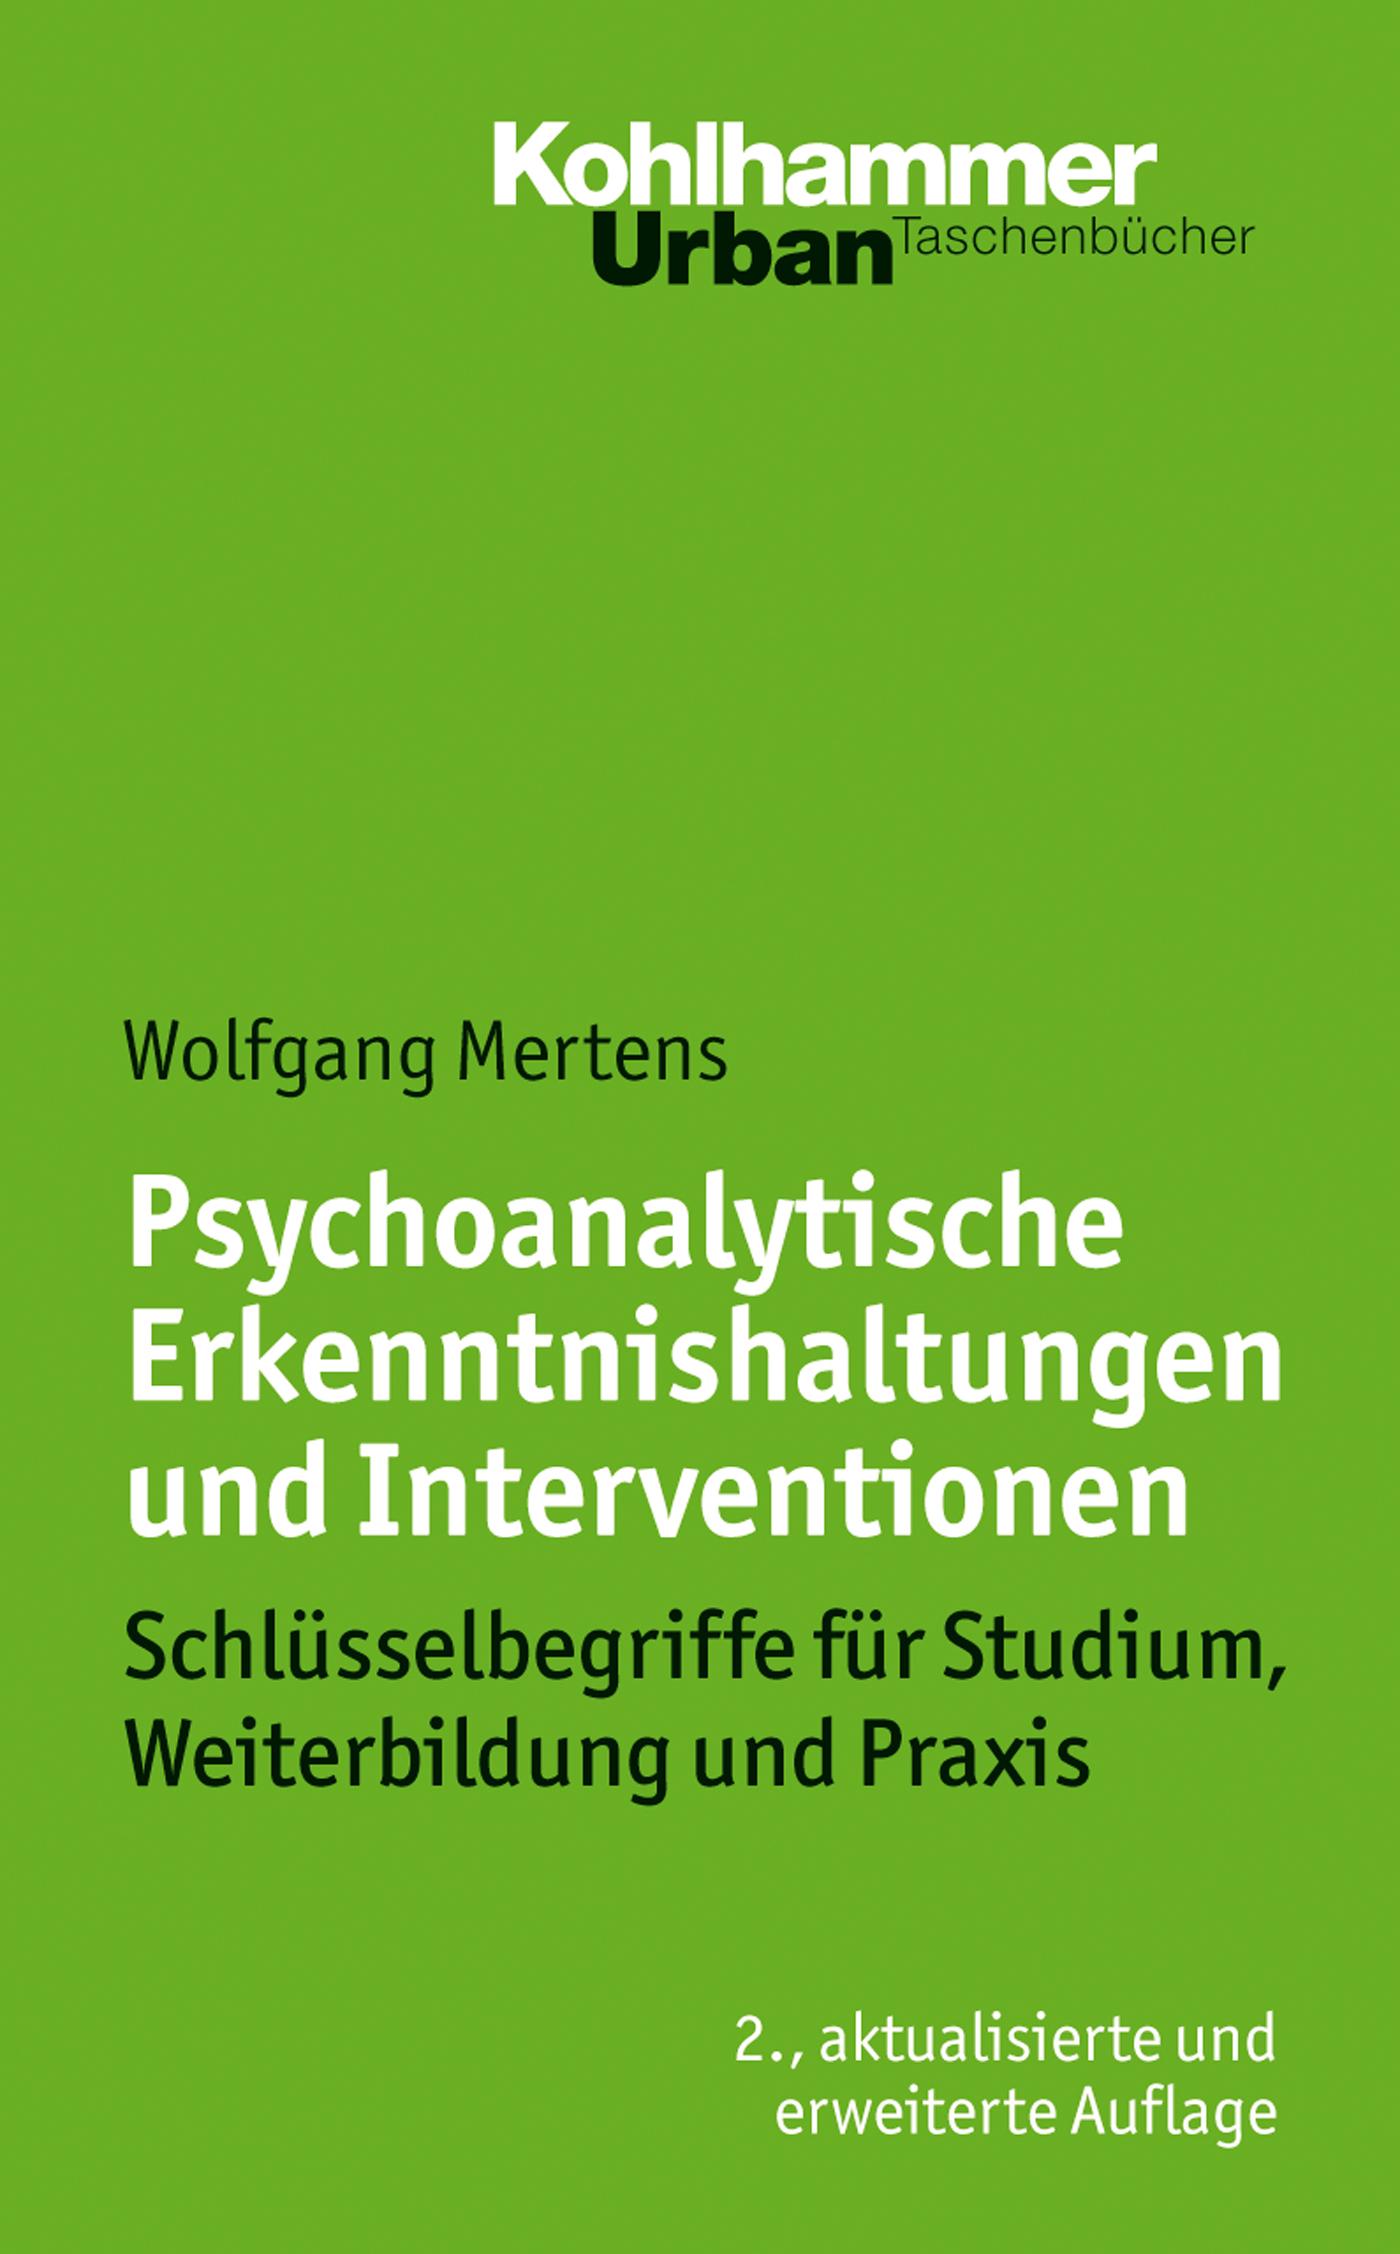 Wolfgang Mertens Psychoanalytische Erkenntnishaltungen und Interventionen carolin deitmer militarische interventionen zum menschenrechtsschutz international anerkannt